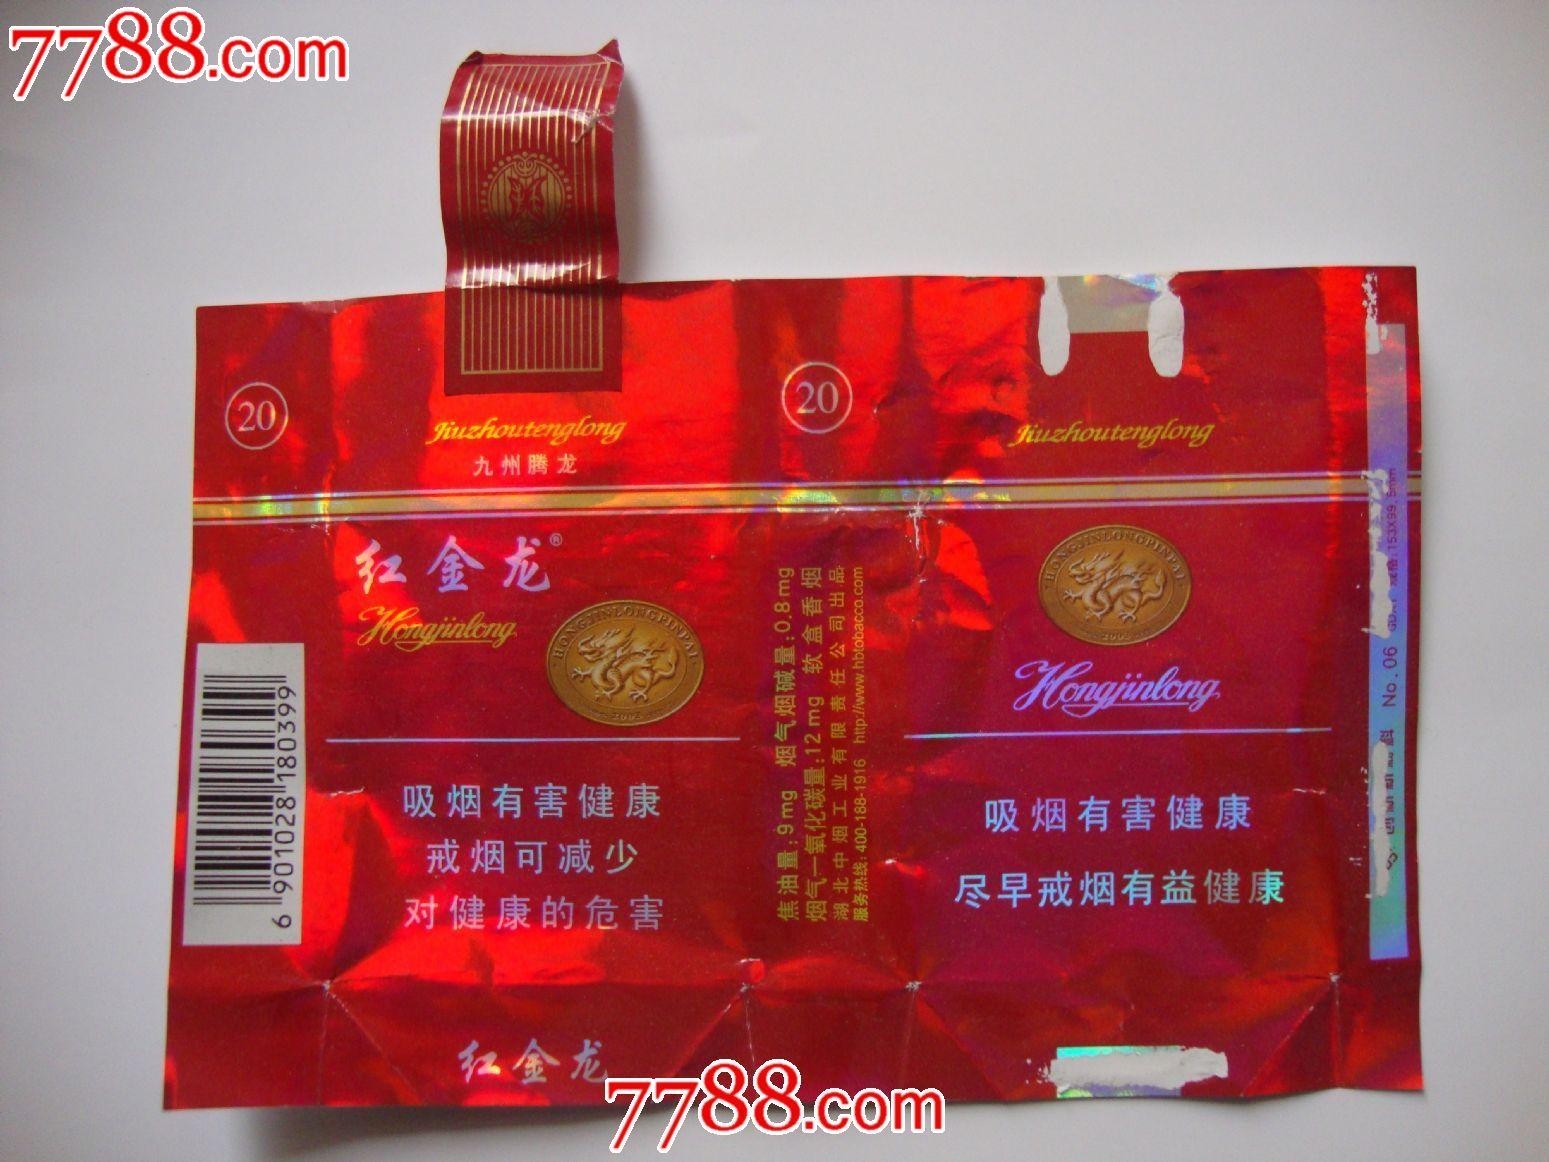 香烟 烟 1549_1162